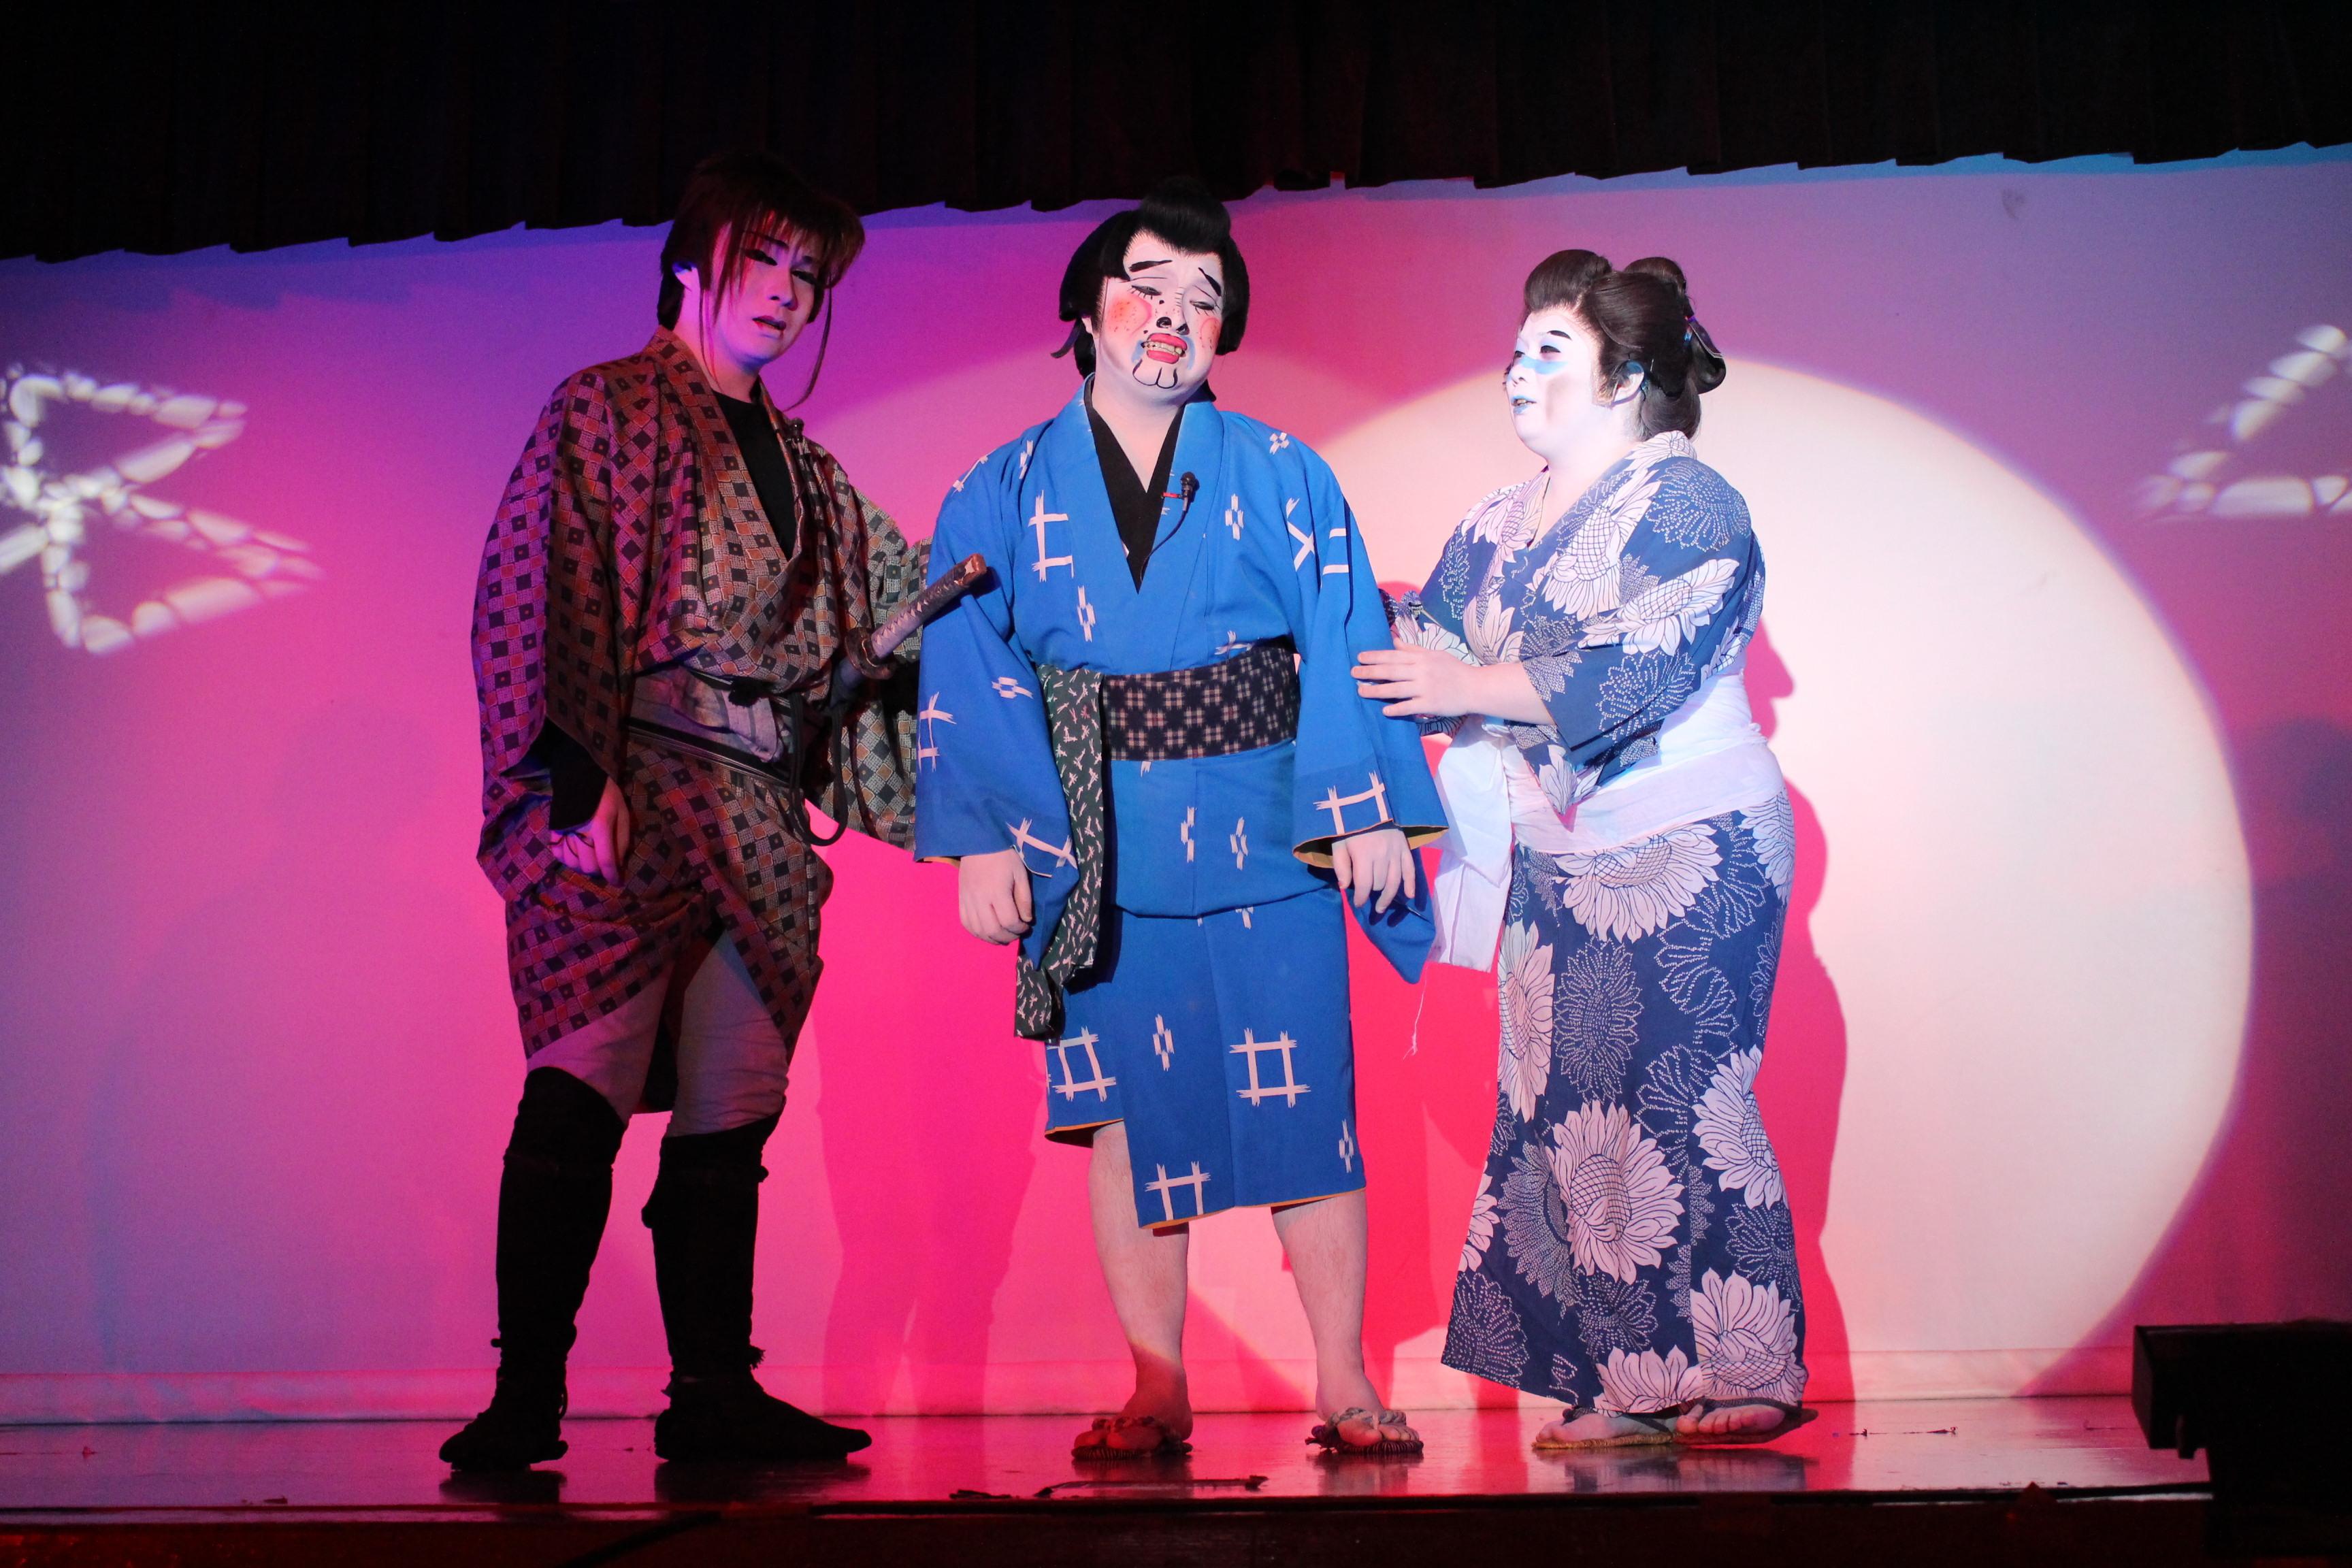 淺井春道演じるクセの強い太郎吉が大暴れ! 舞踊ショー「沓掛時次郎」